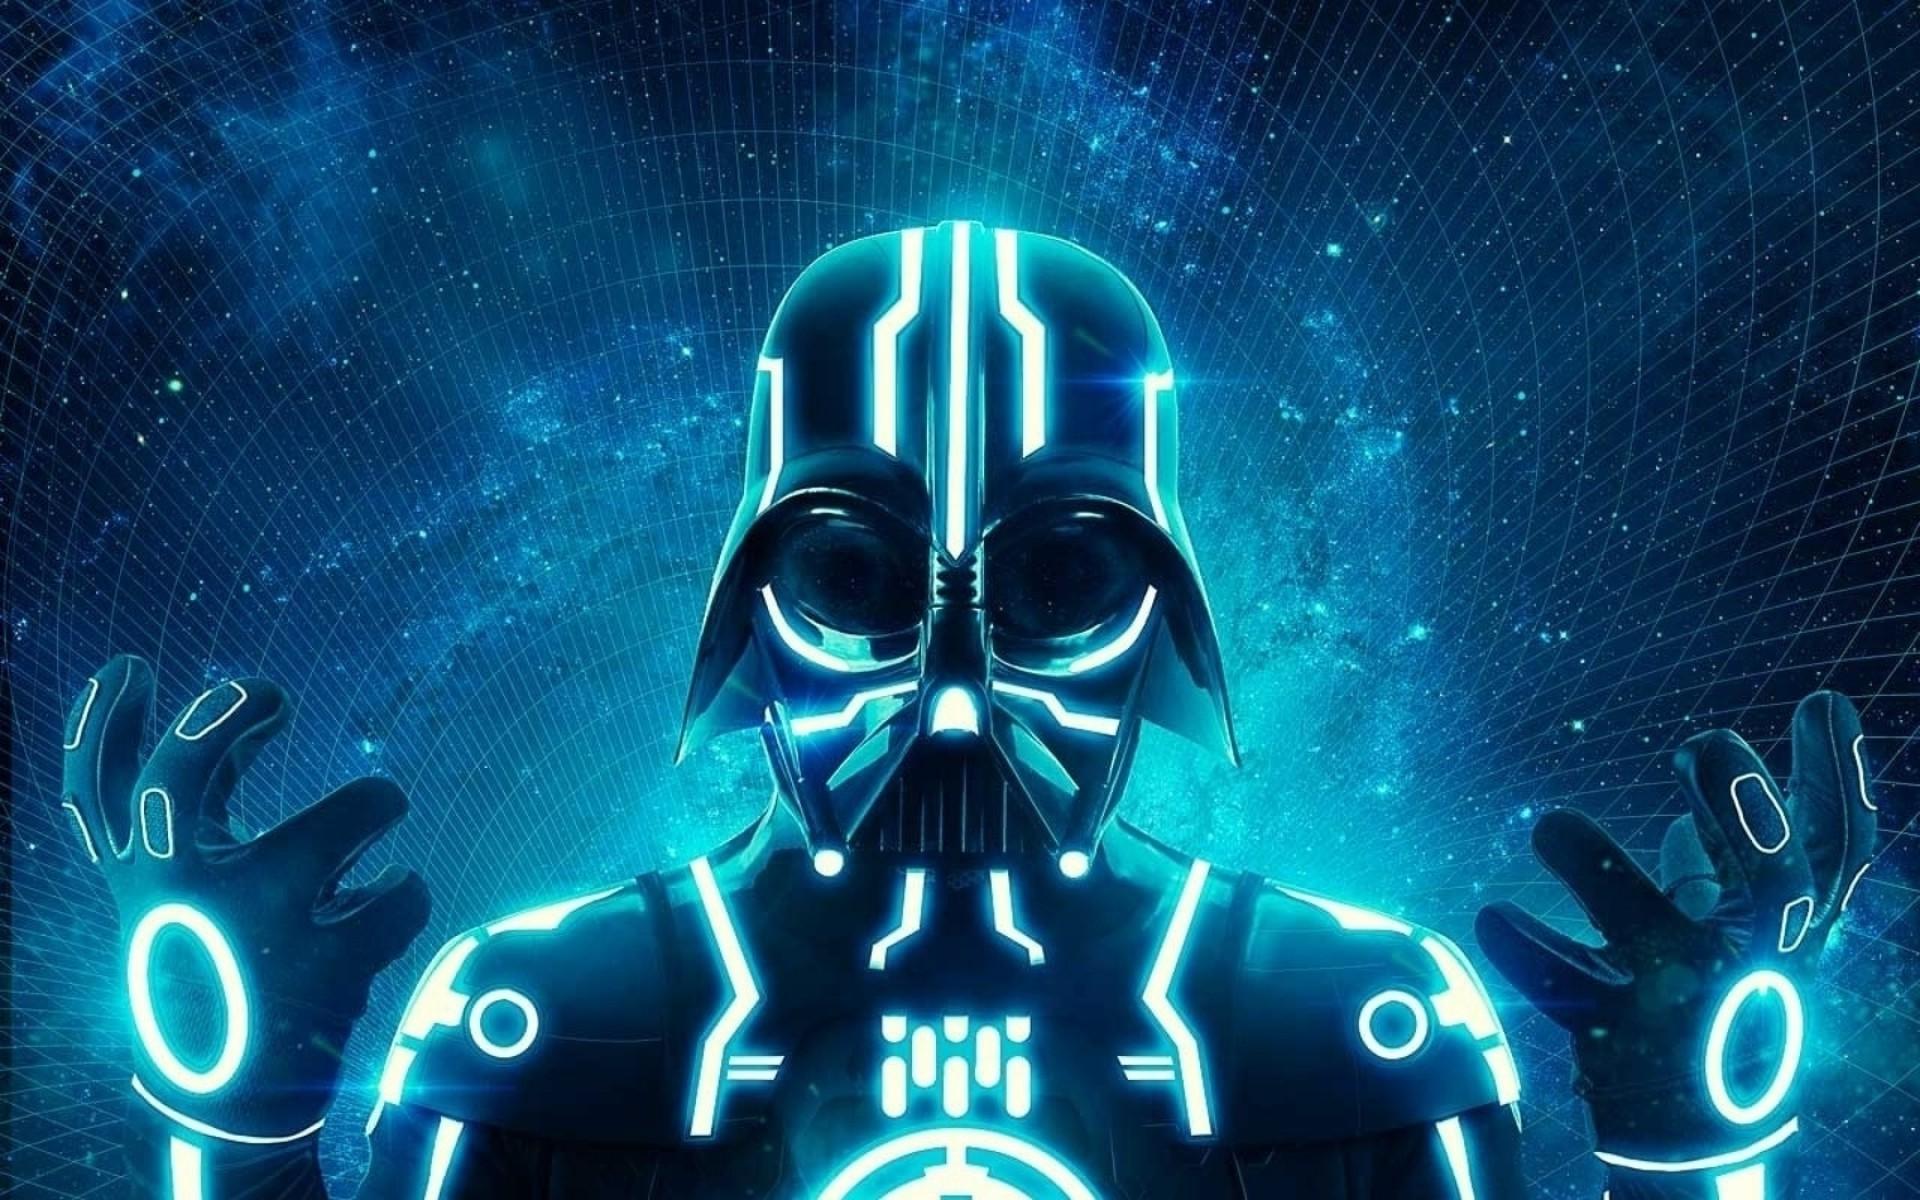 Wallpaper Star Wars Neon Ruang Karya Penggemar Darth Vader